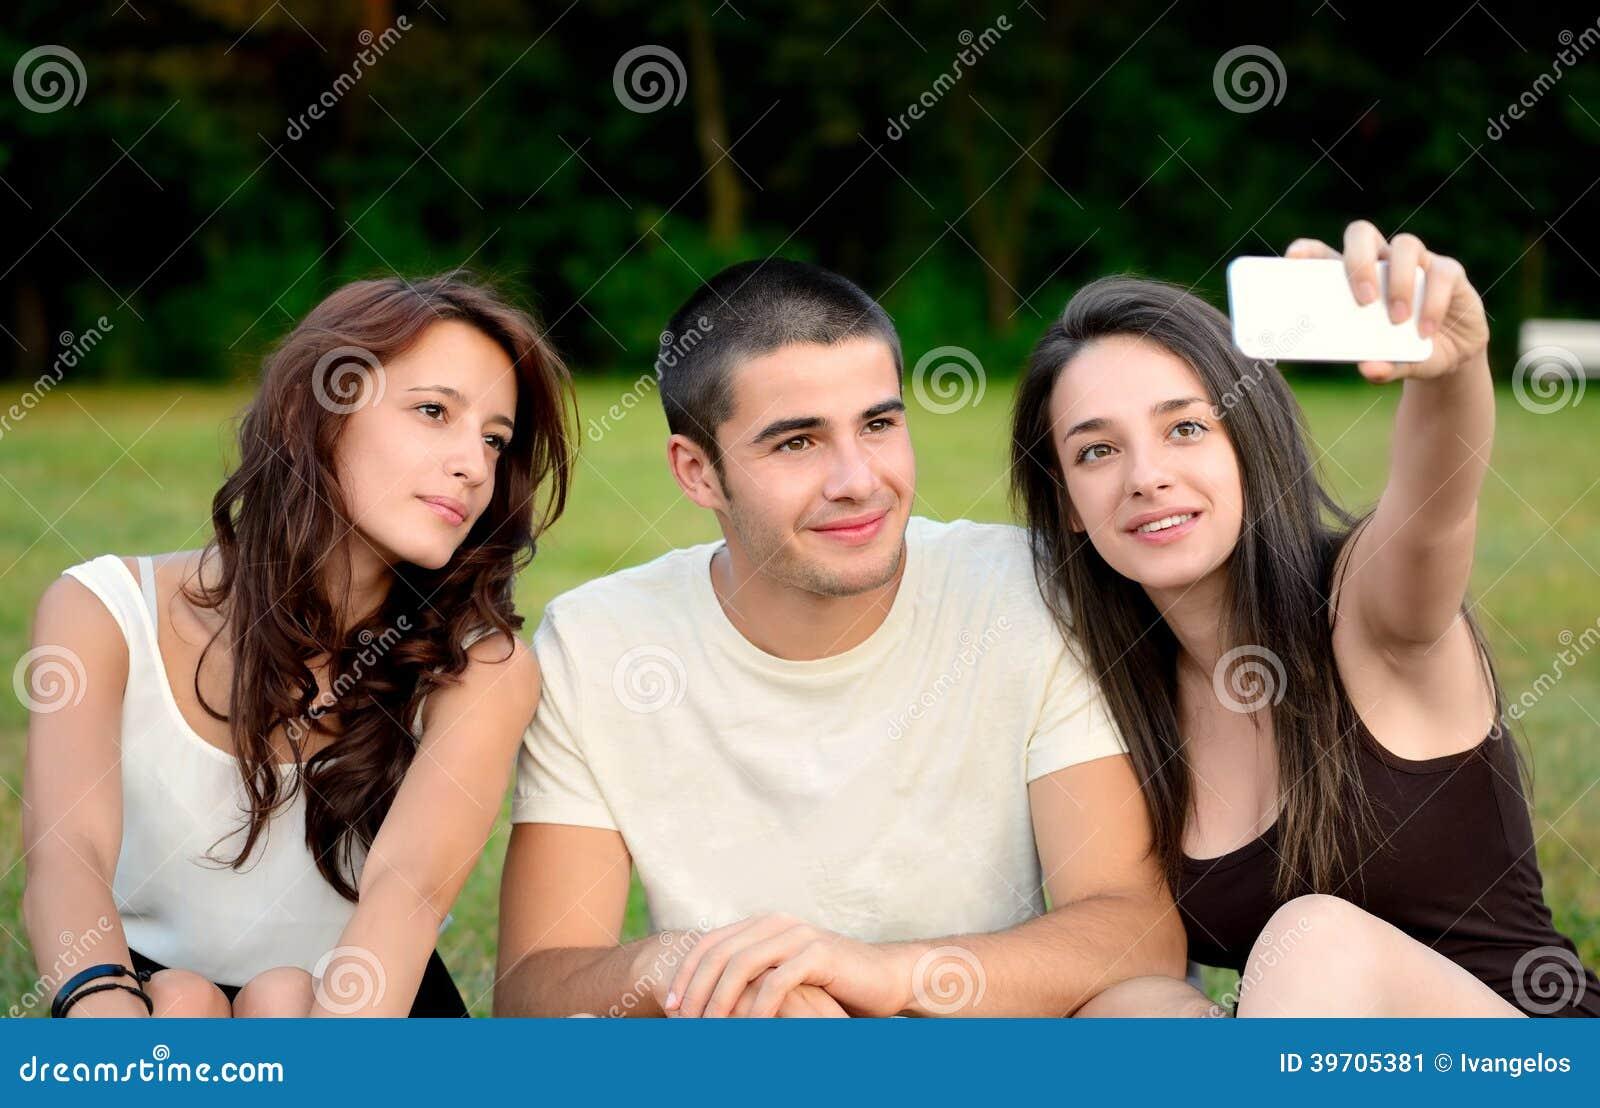 Trzy przyjaciela bierze fotografie outside i uśmiechnięte